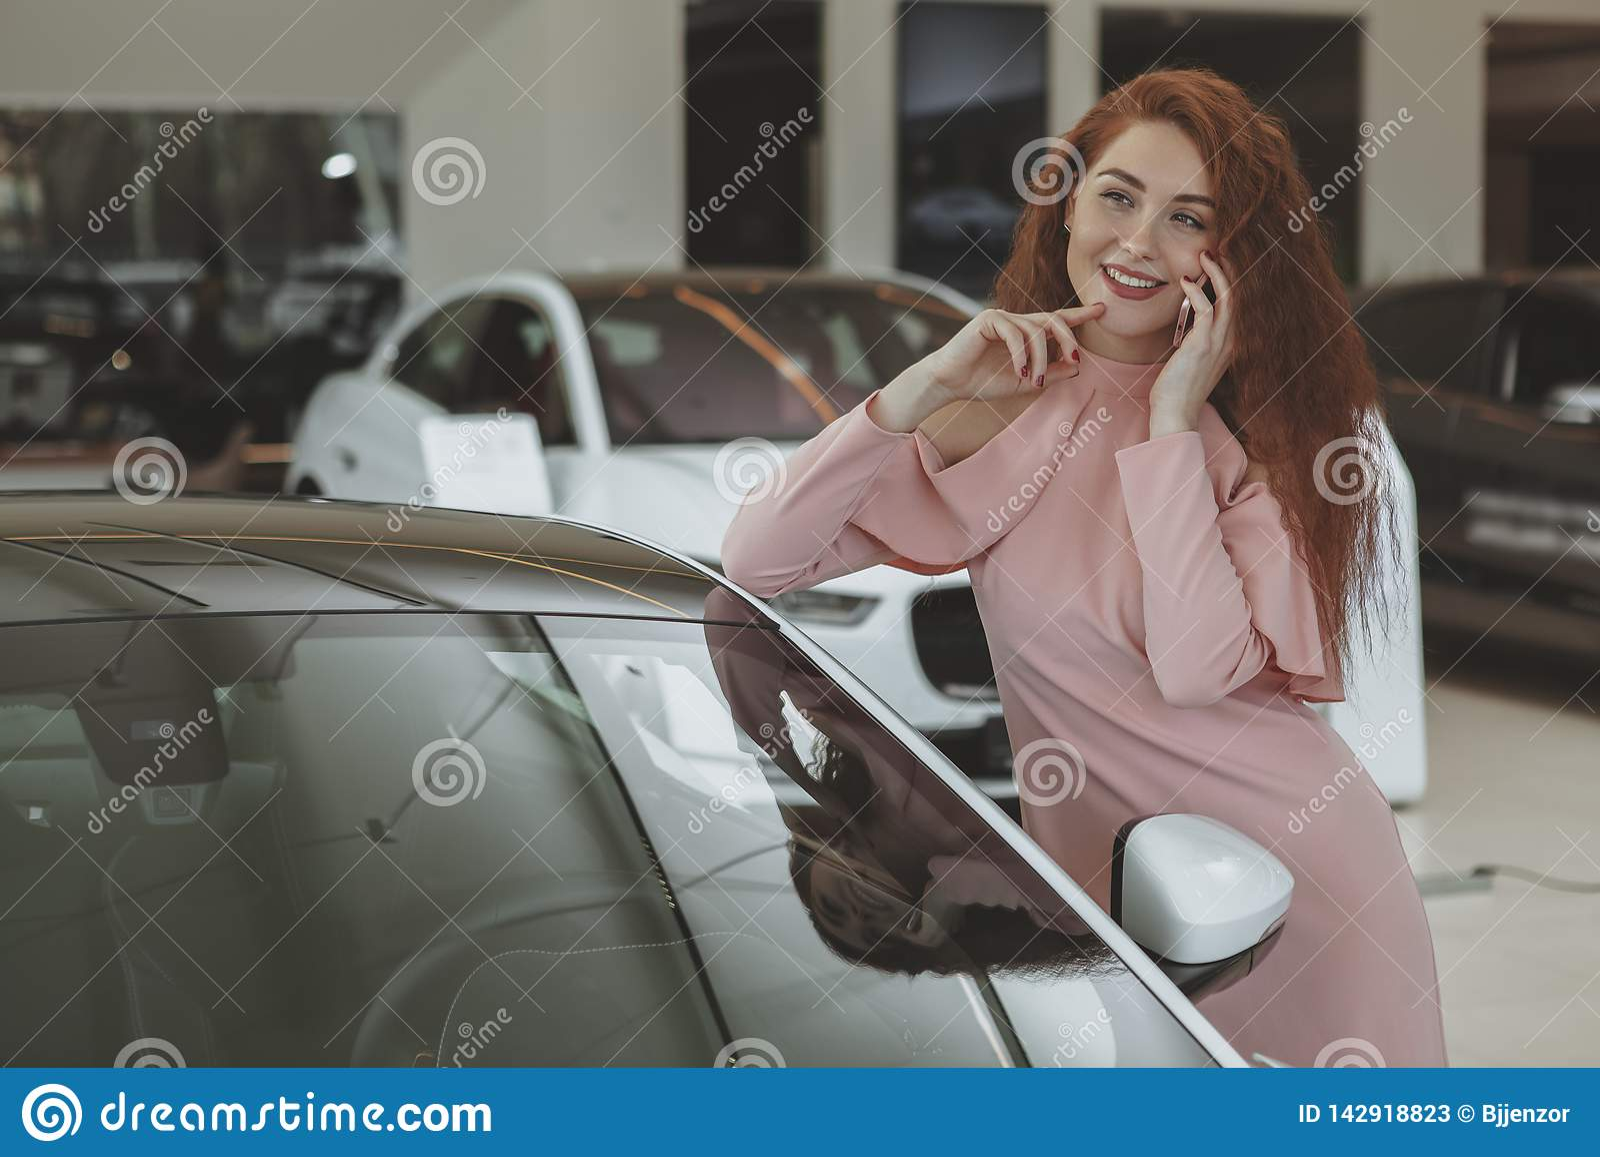 Ελκυστική γυναίκα που χρησιμοποιεί το έξυπνο τηλέφωνό της bying το νέο αυτοκίνητο